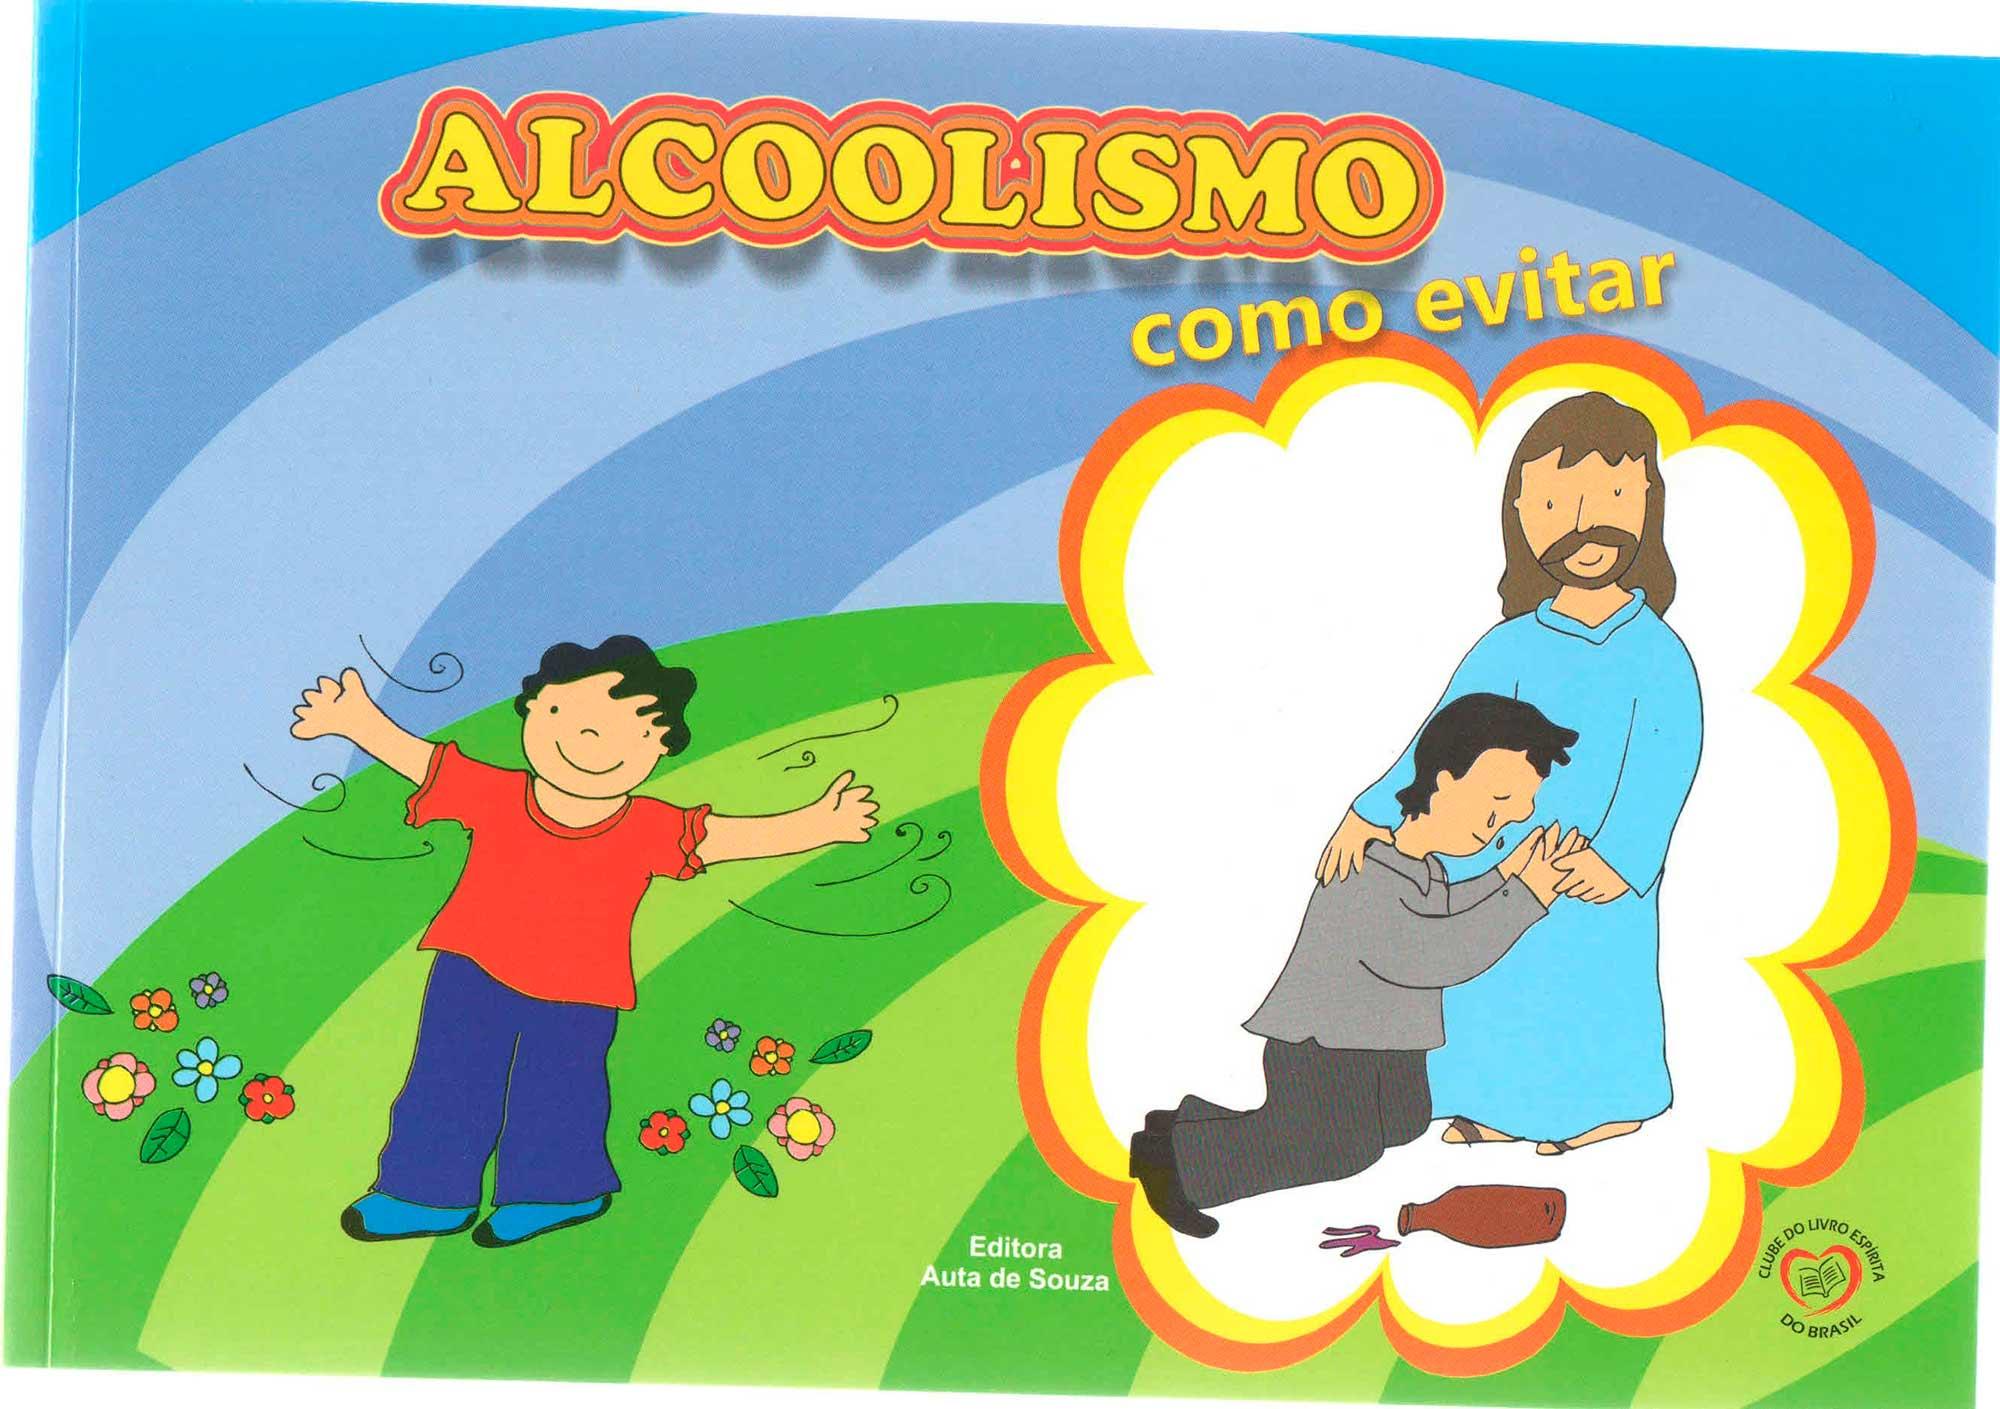 ALCOOLISMO COMO EVITAR